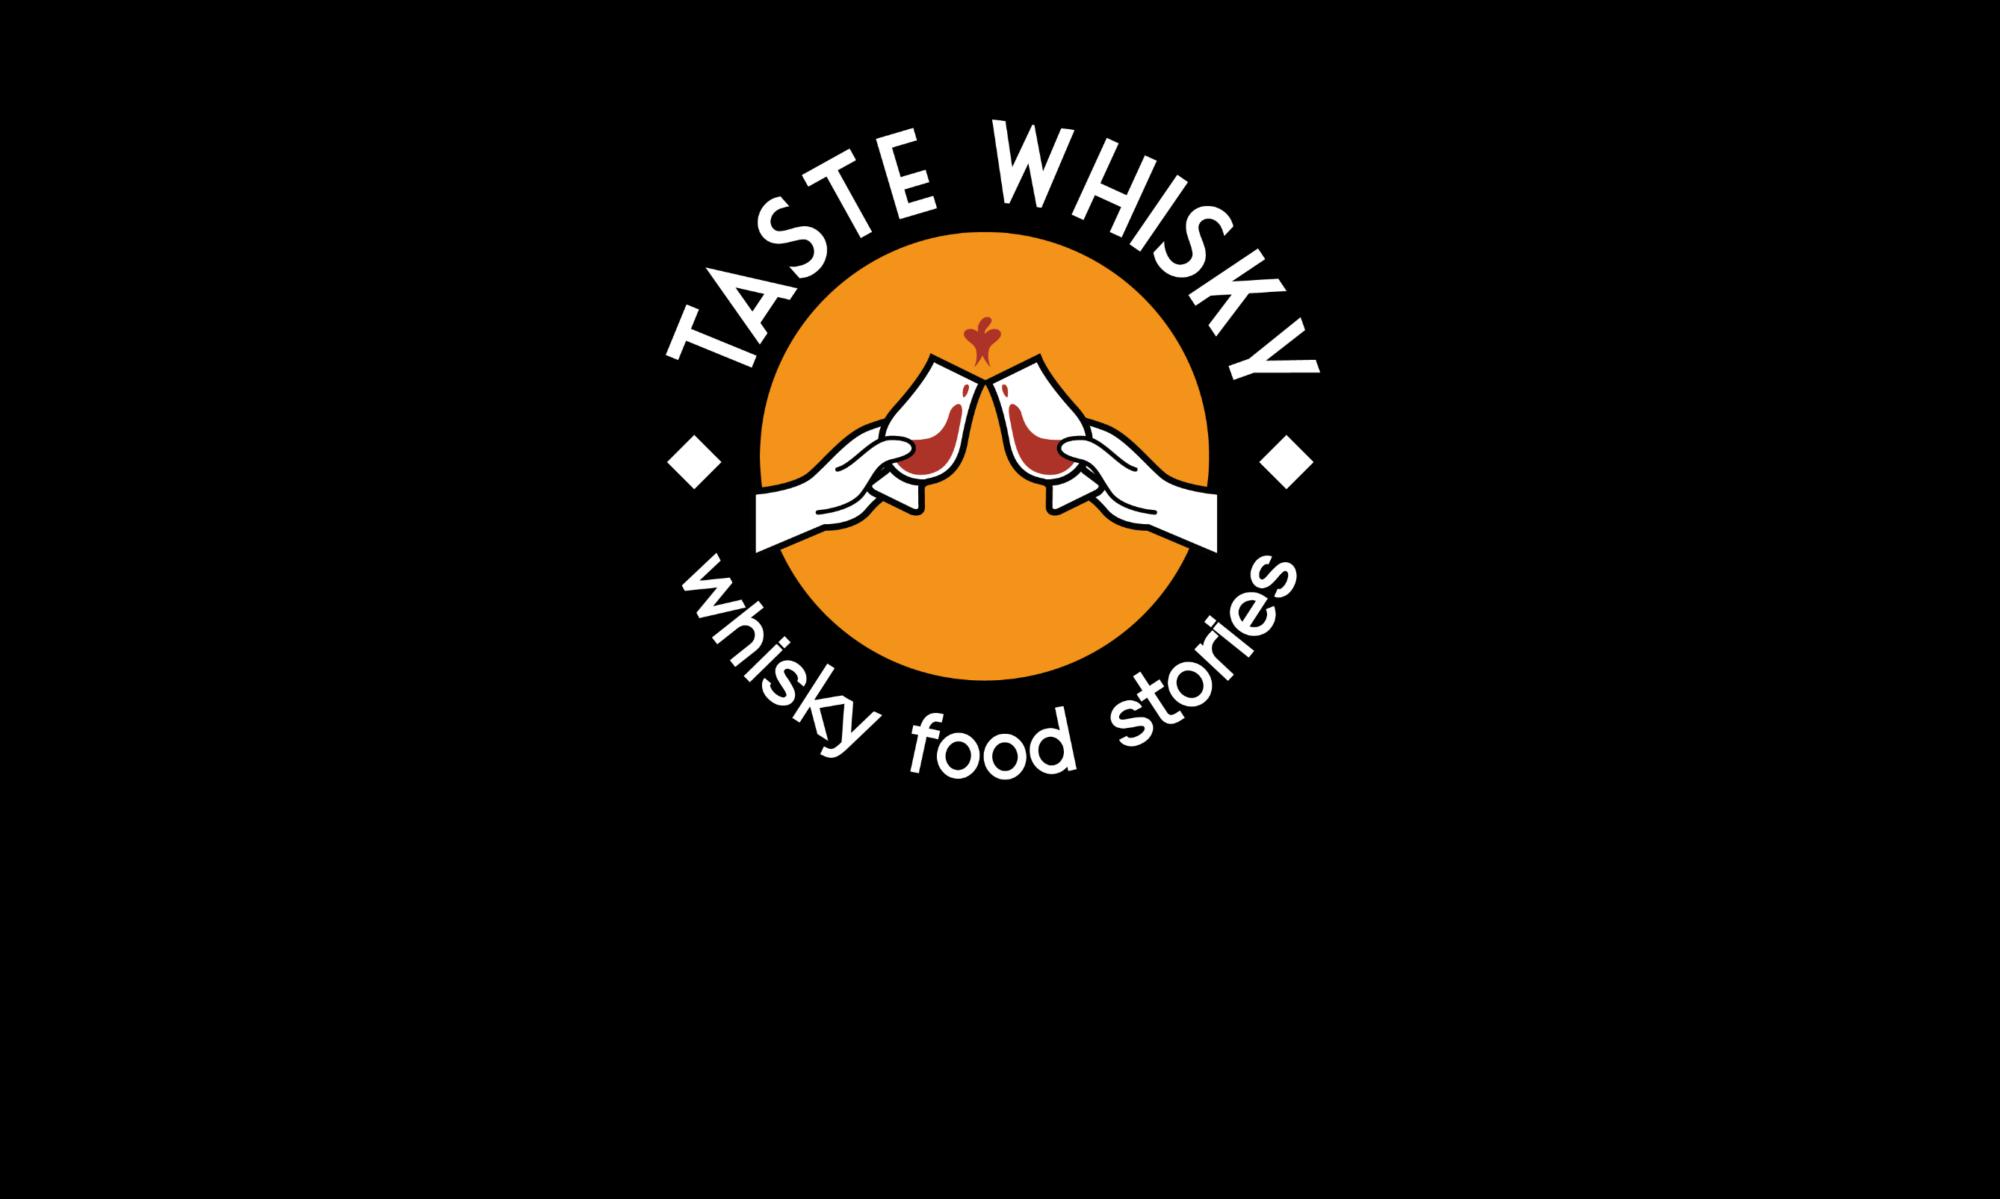 Welkom bij Tastewhisky